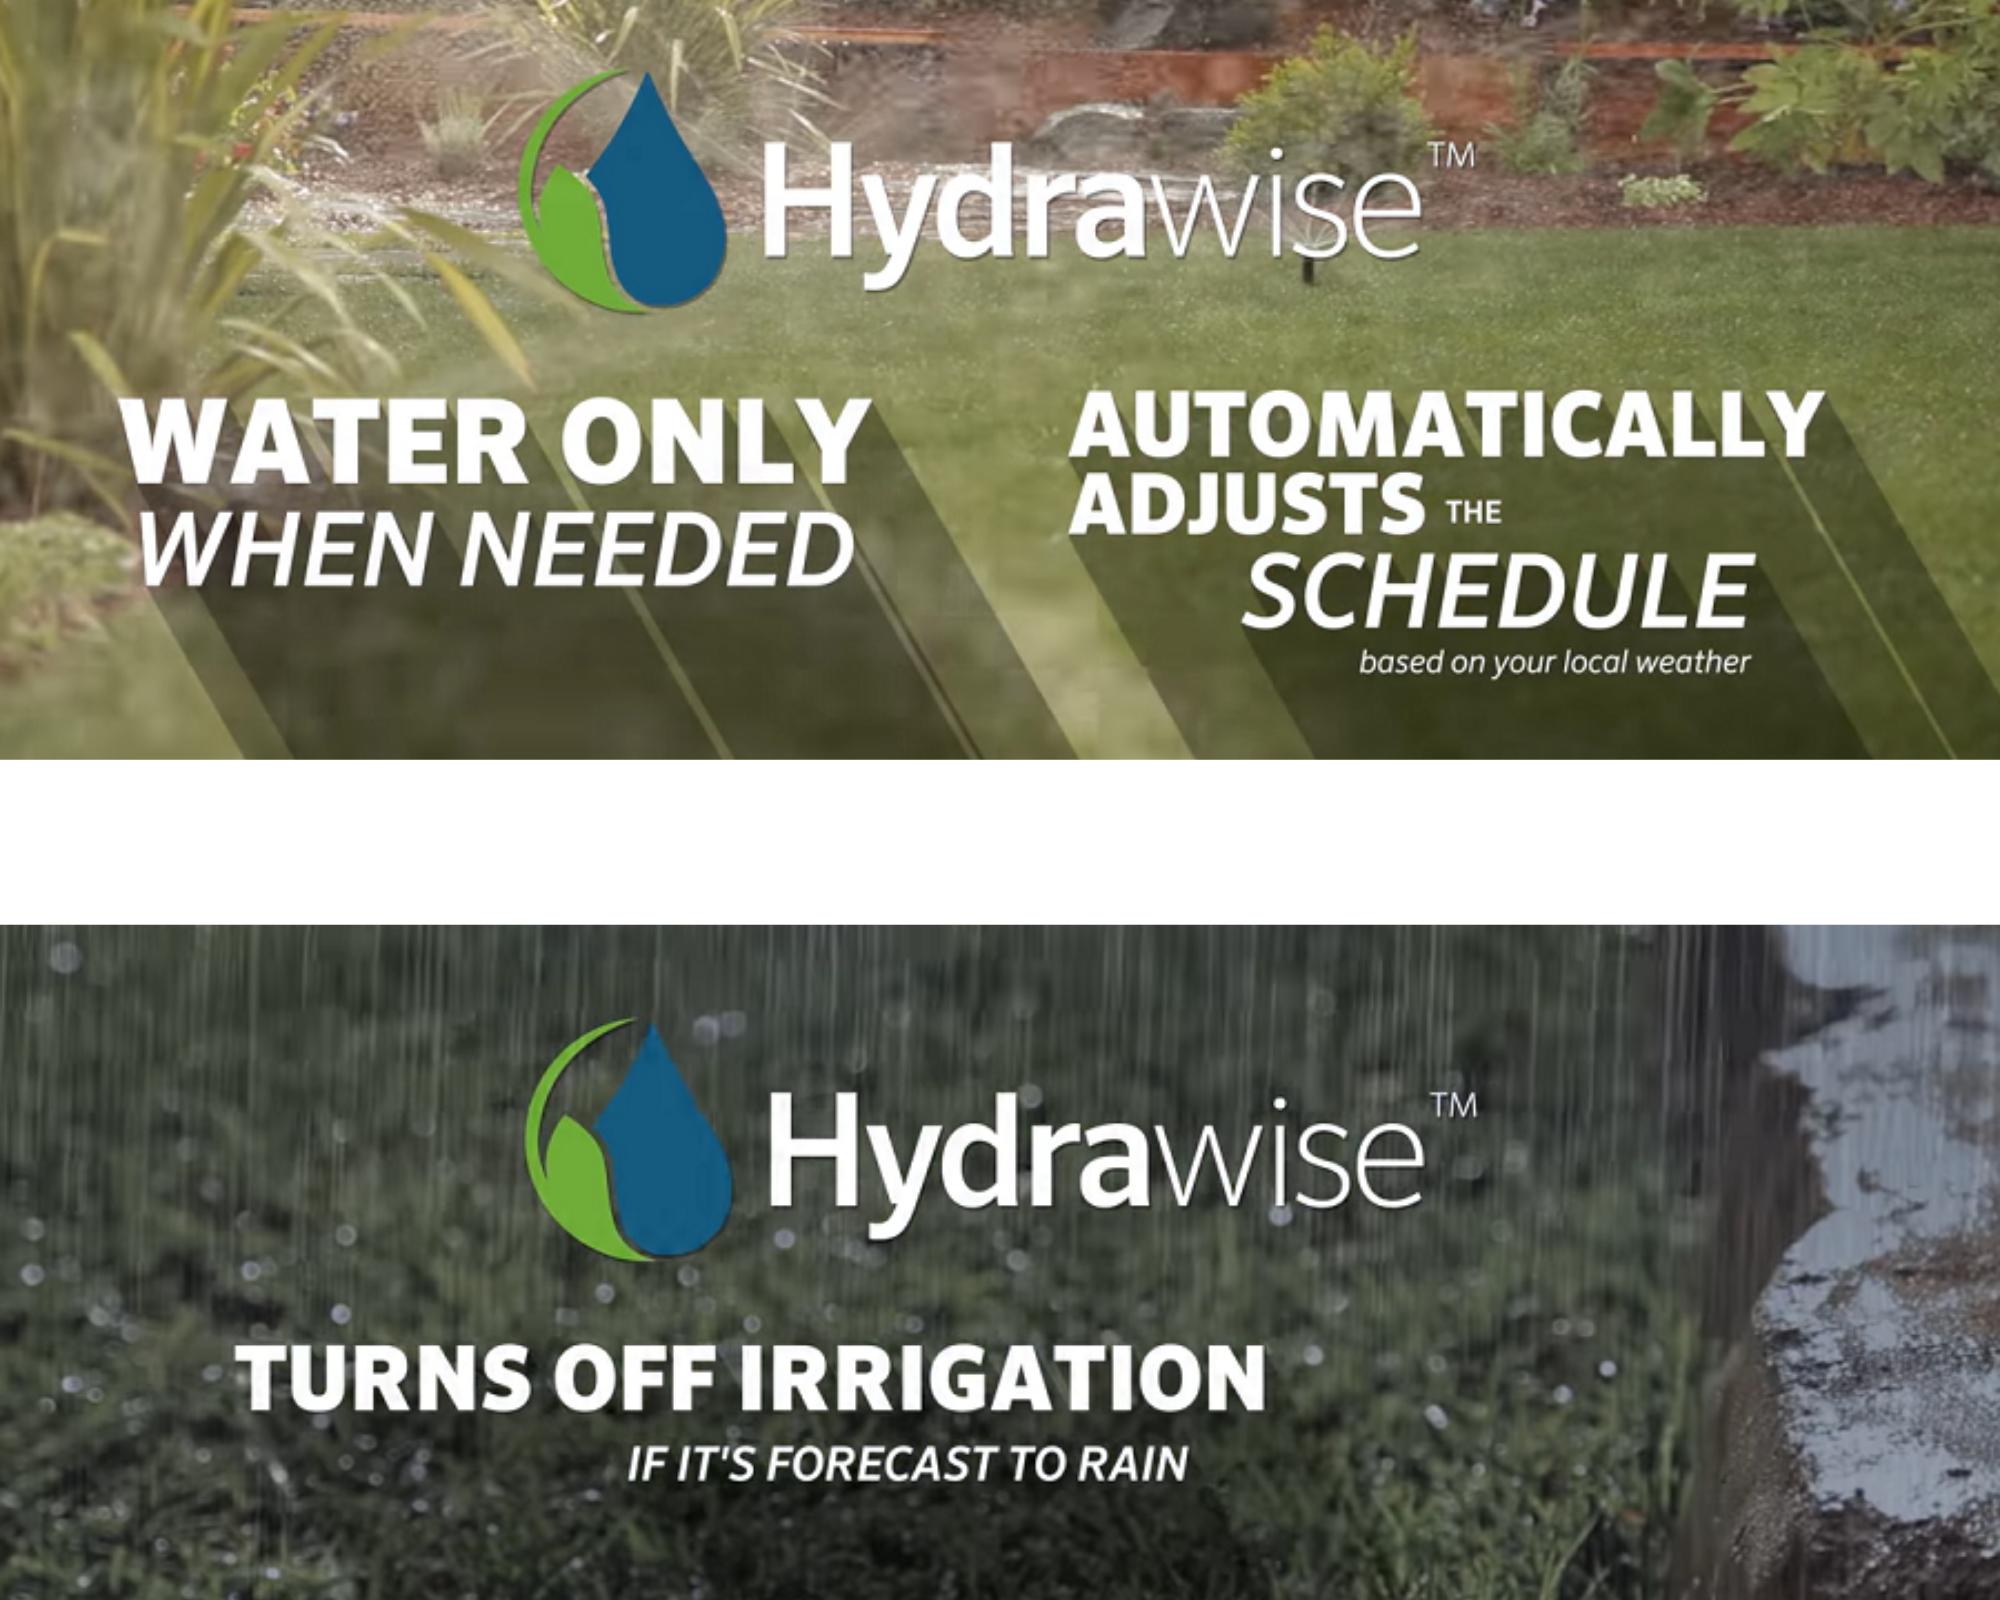 Hydrawise có nhiều tính năng tưới thông minh